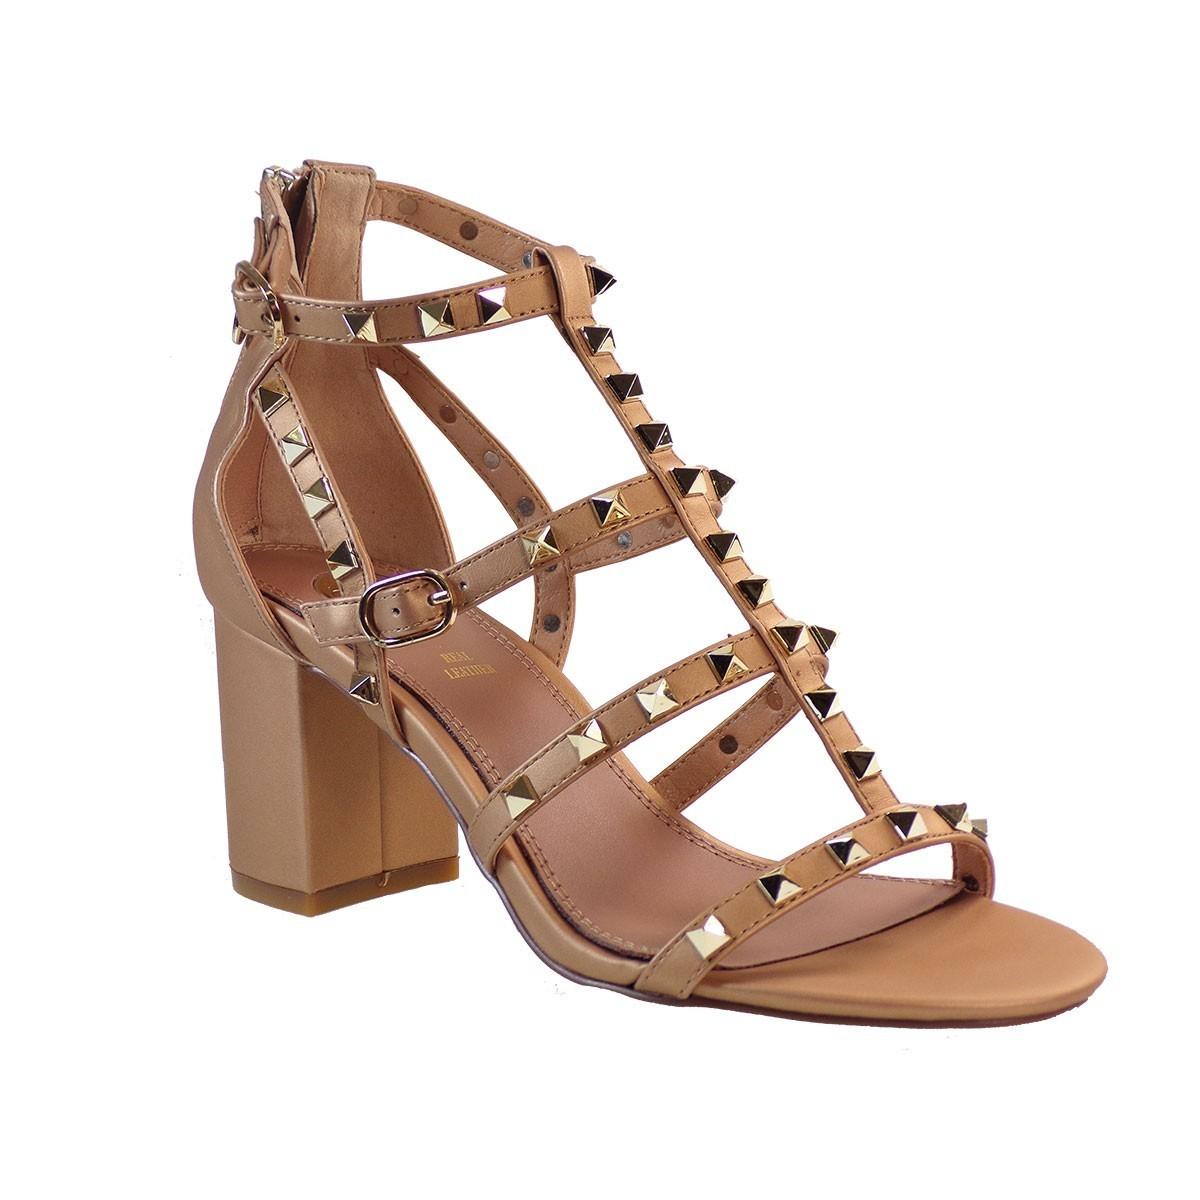 EXE Shoes Πέδιλα Γυναικεία ADELE-487 Μπρονζέ Ι4700487412